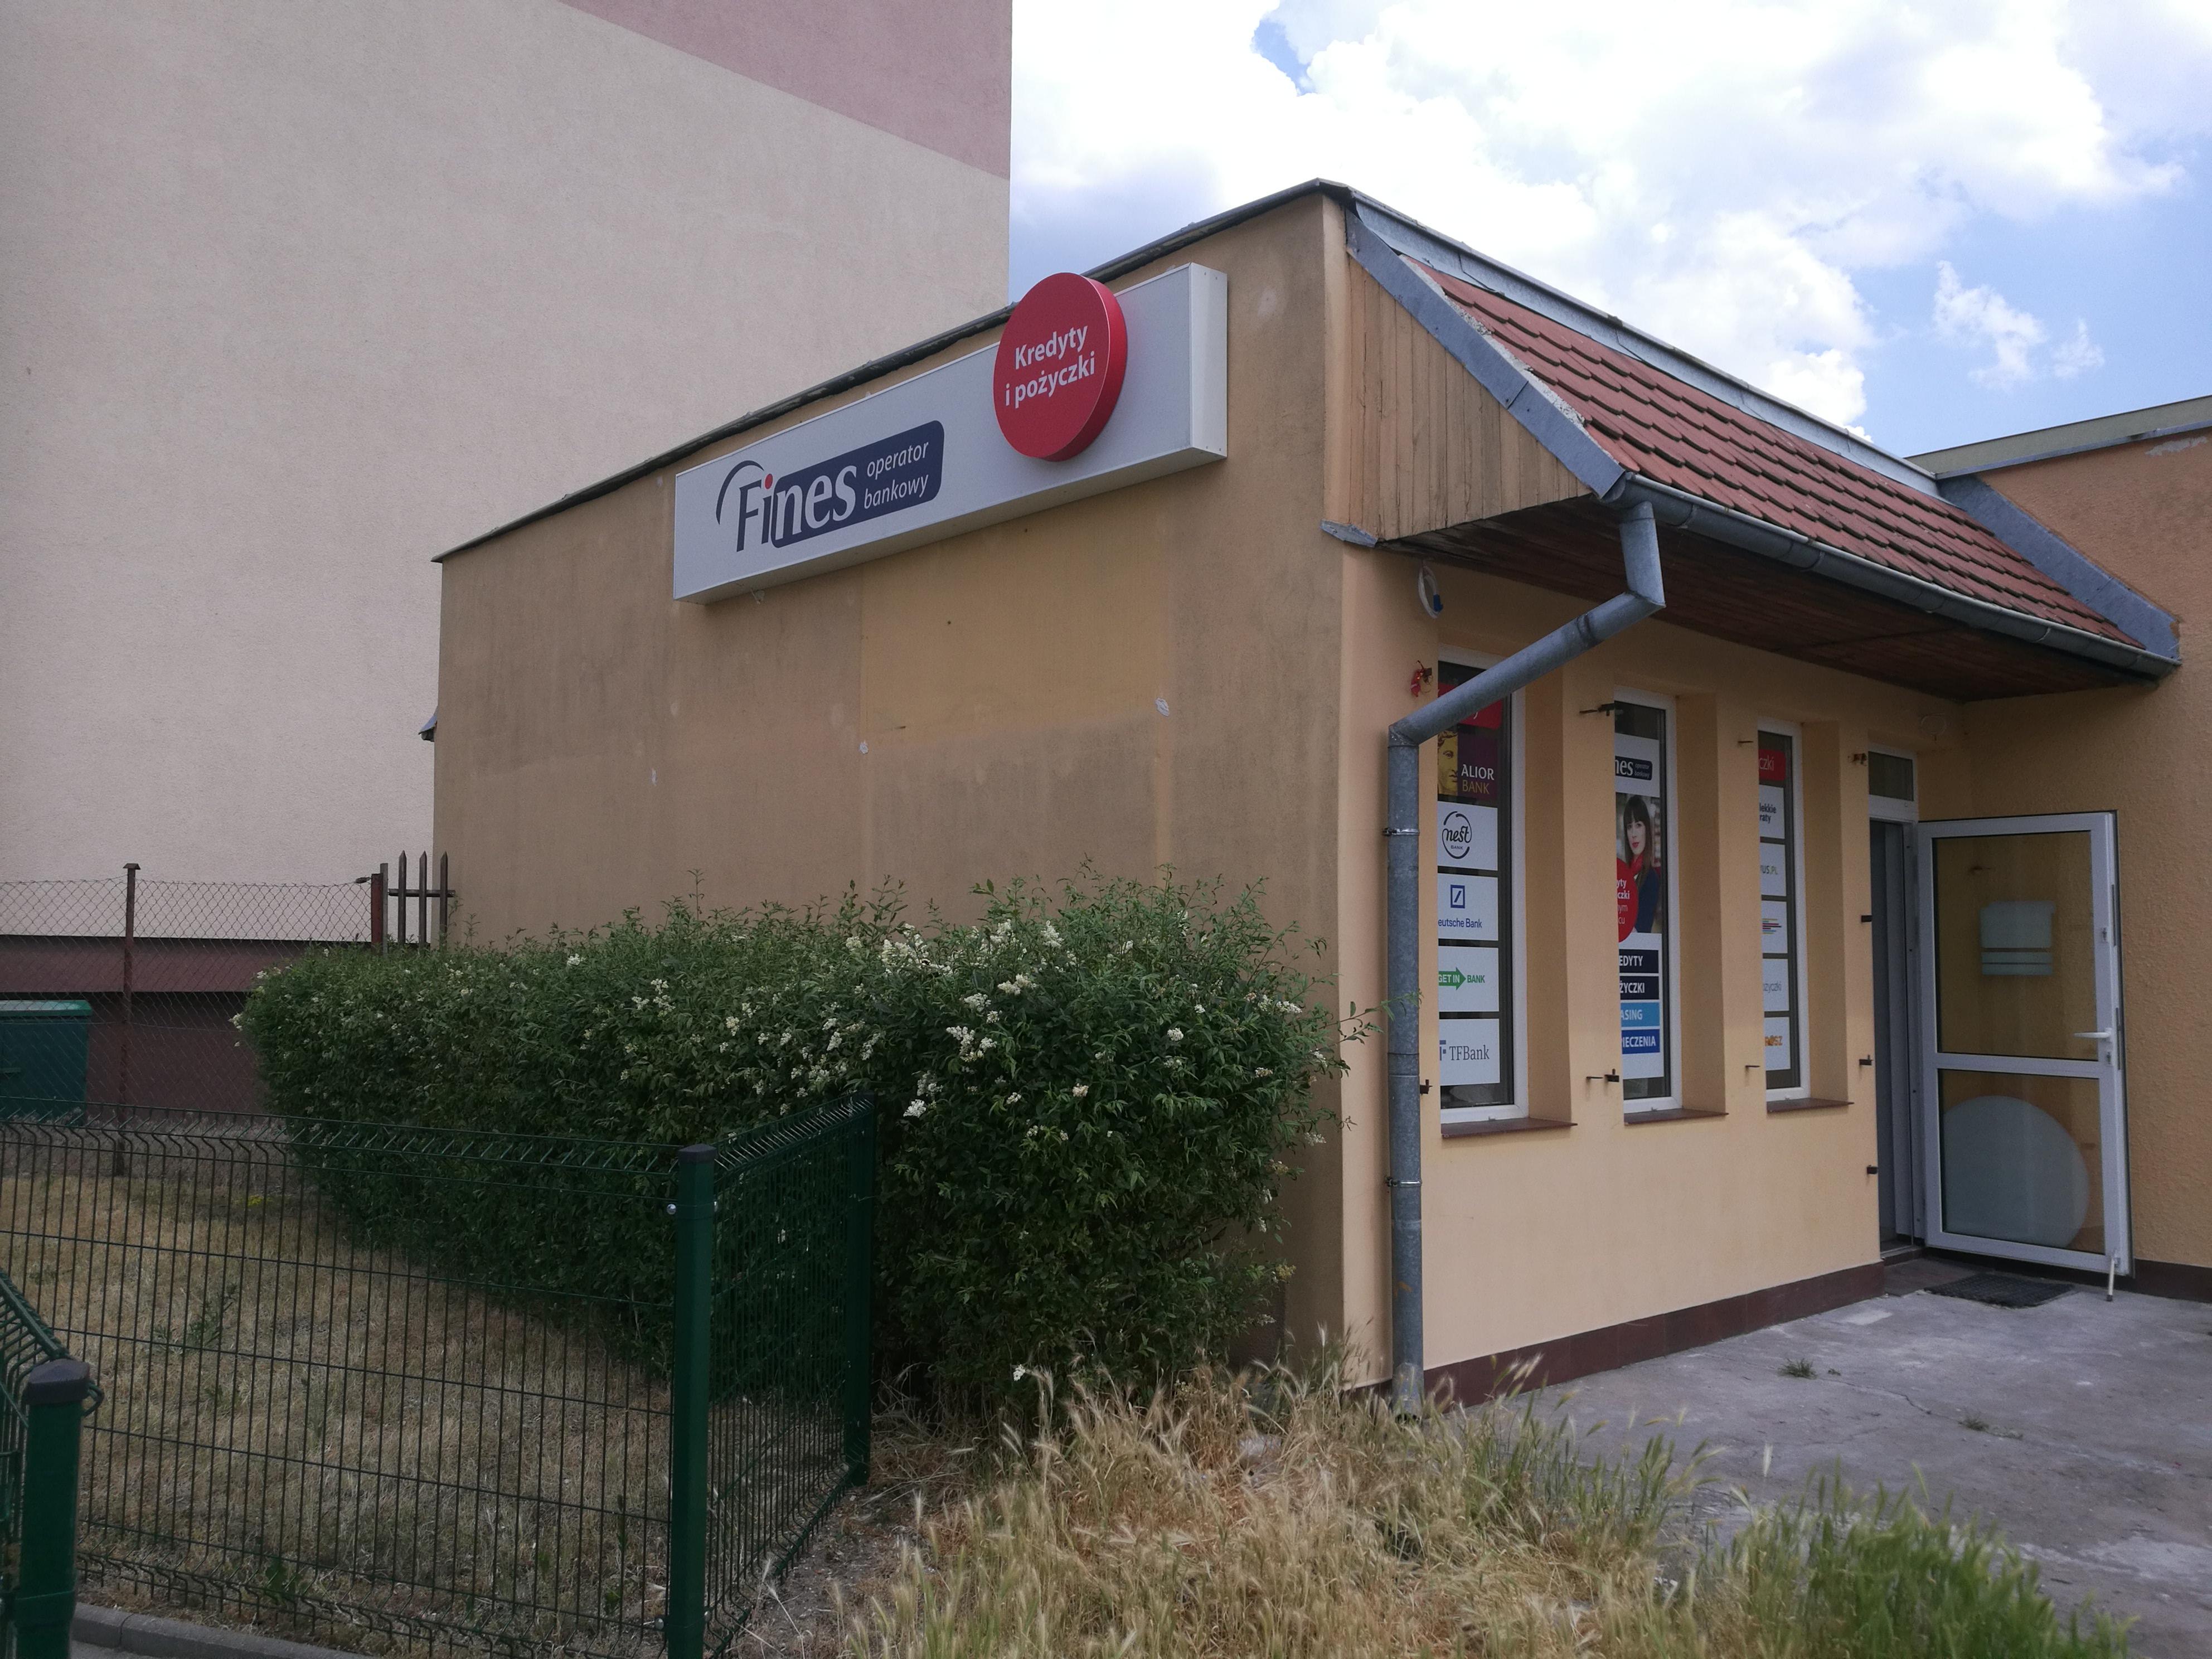 Fines Bydgoszcz 3